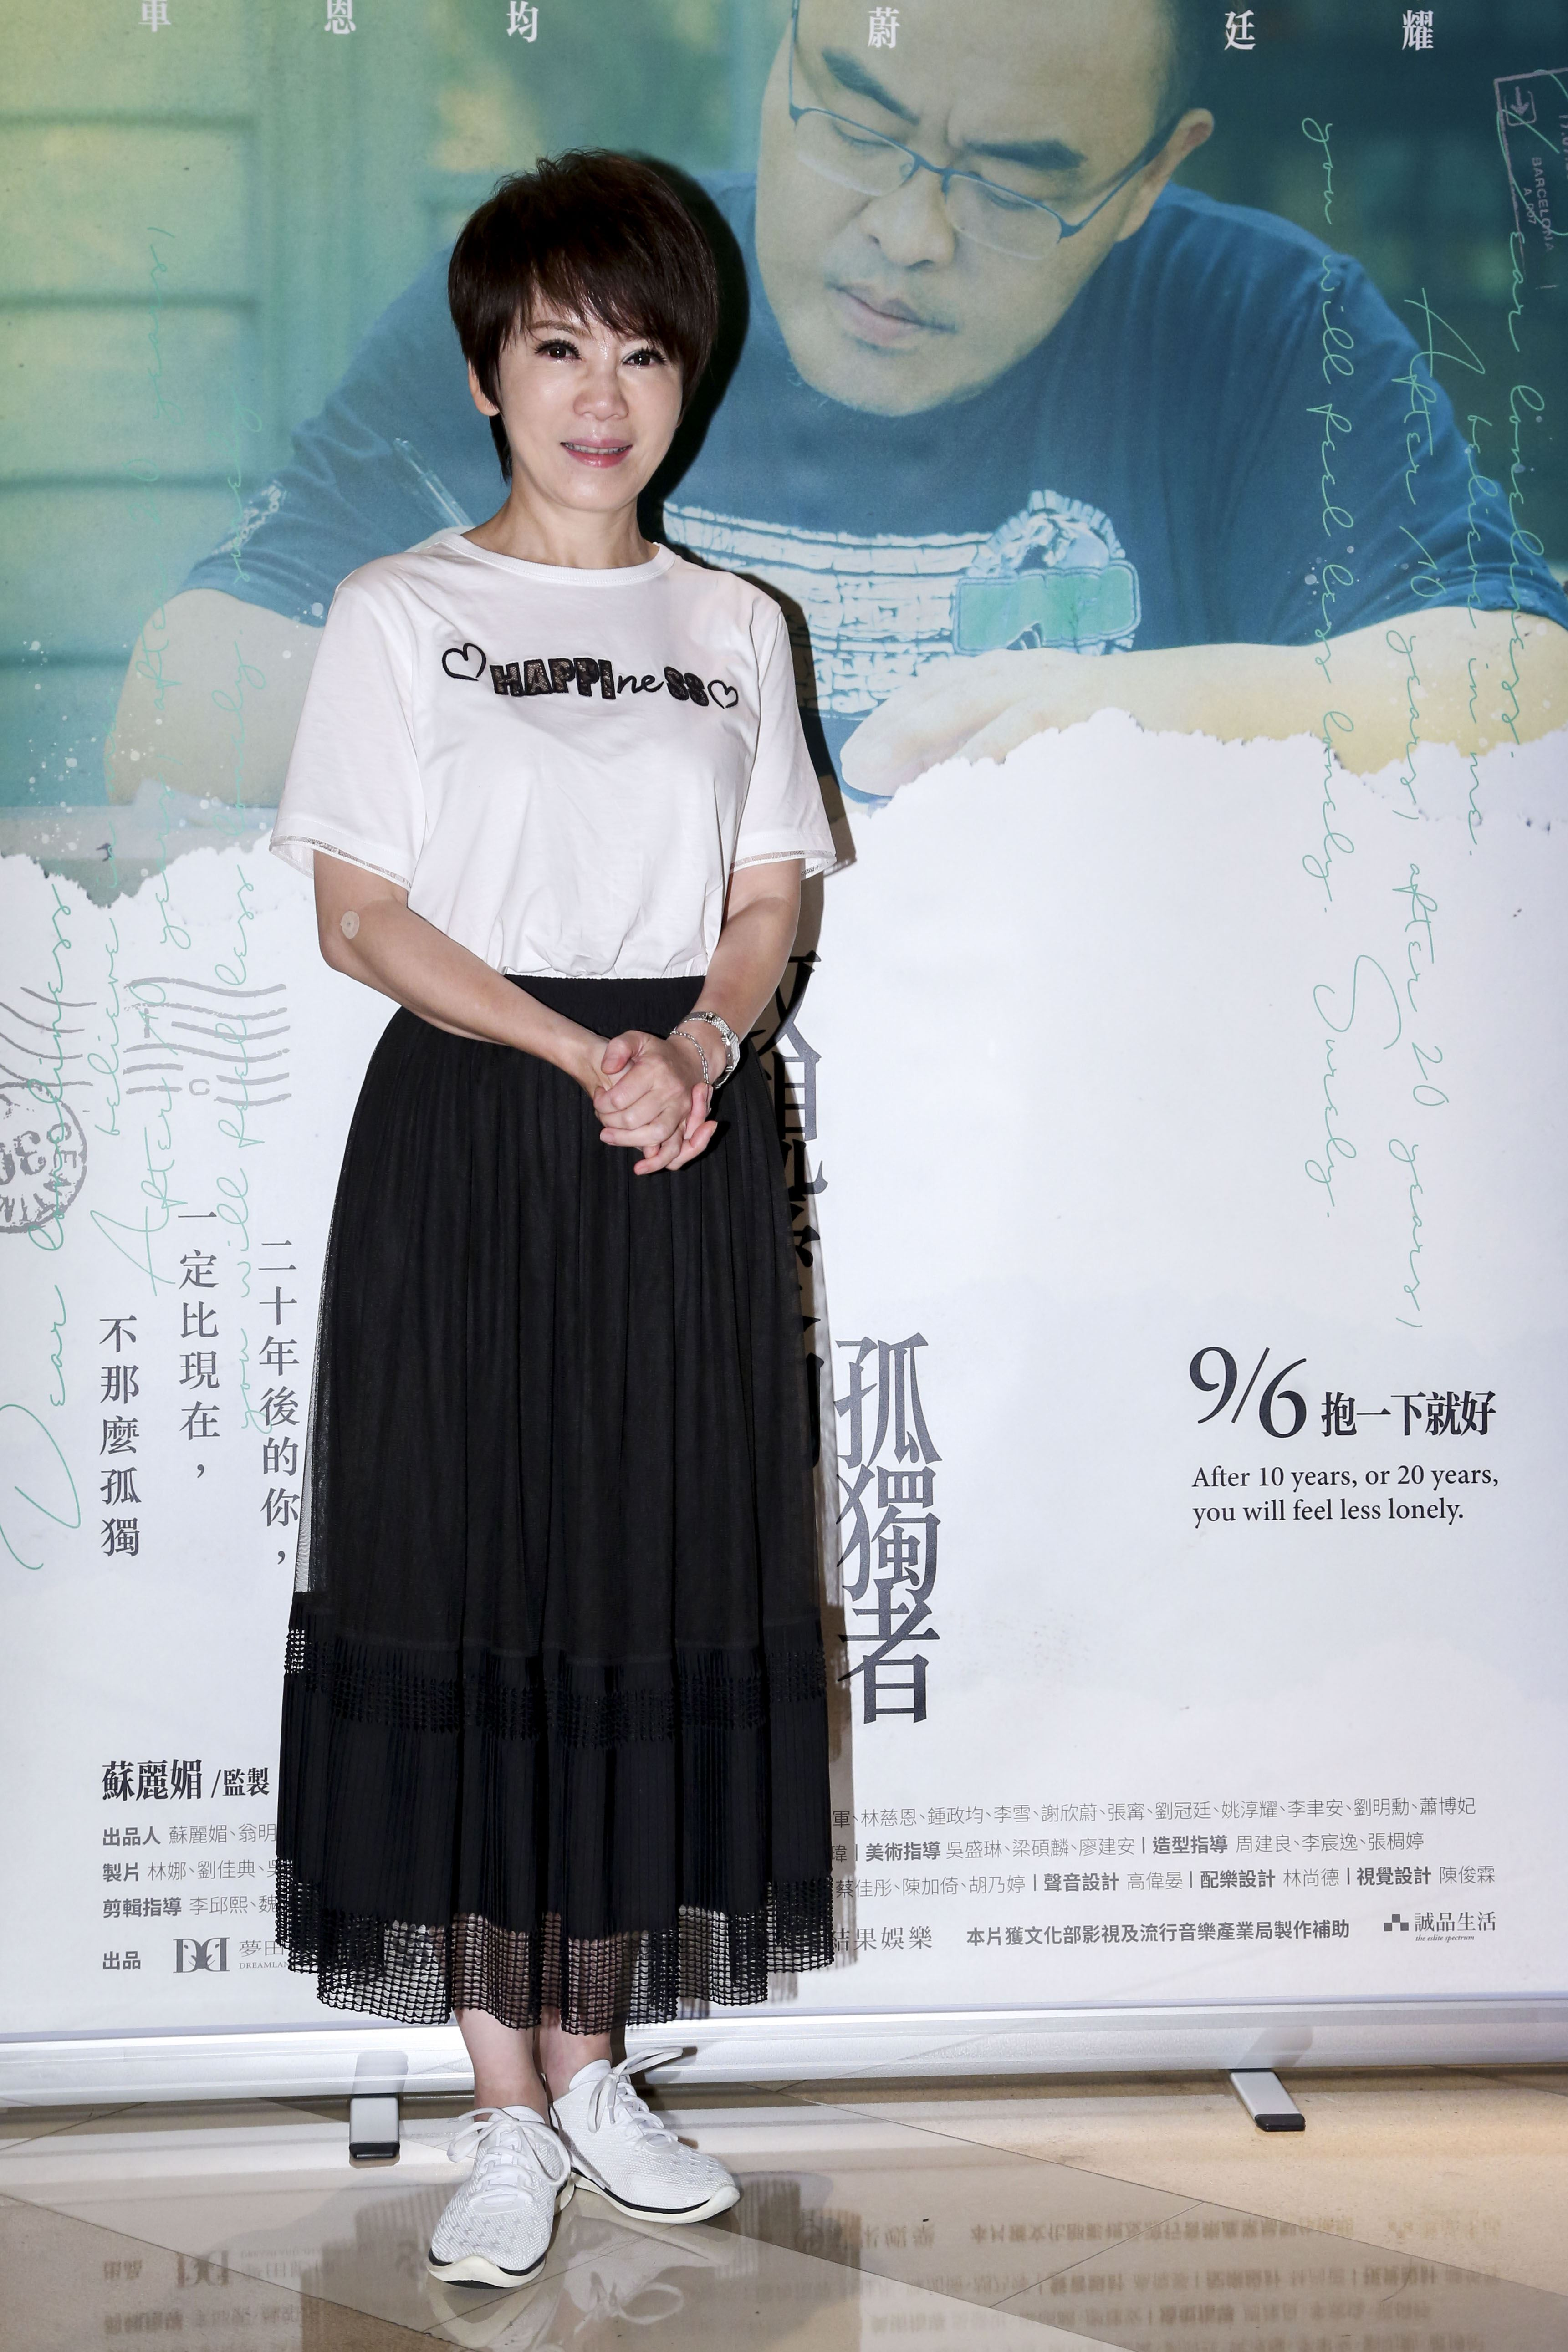 《致親愛的孤獨者》電影特映會,主播陳雅琳。(圖/記者林士傑攝影)